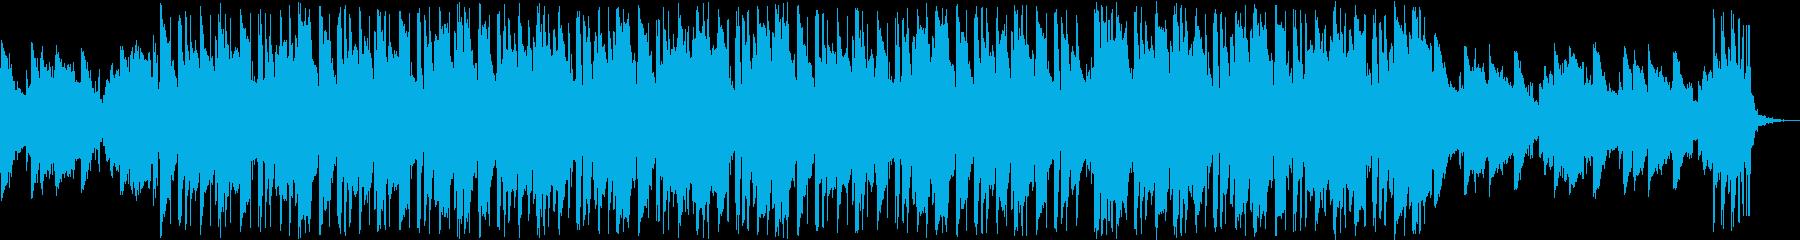 作業中や寝れないときにピッタリなLoFiの再生済みの波形